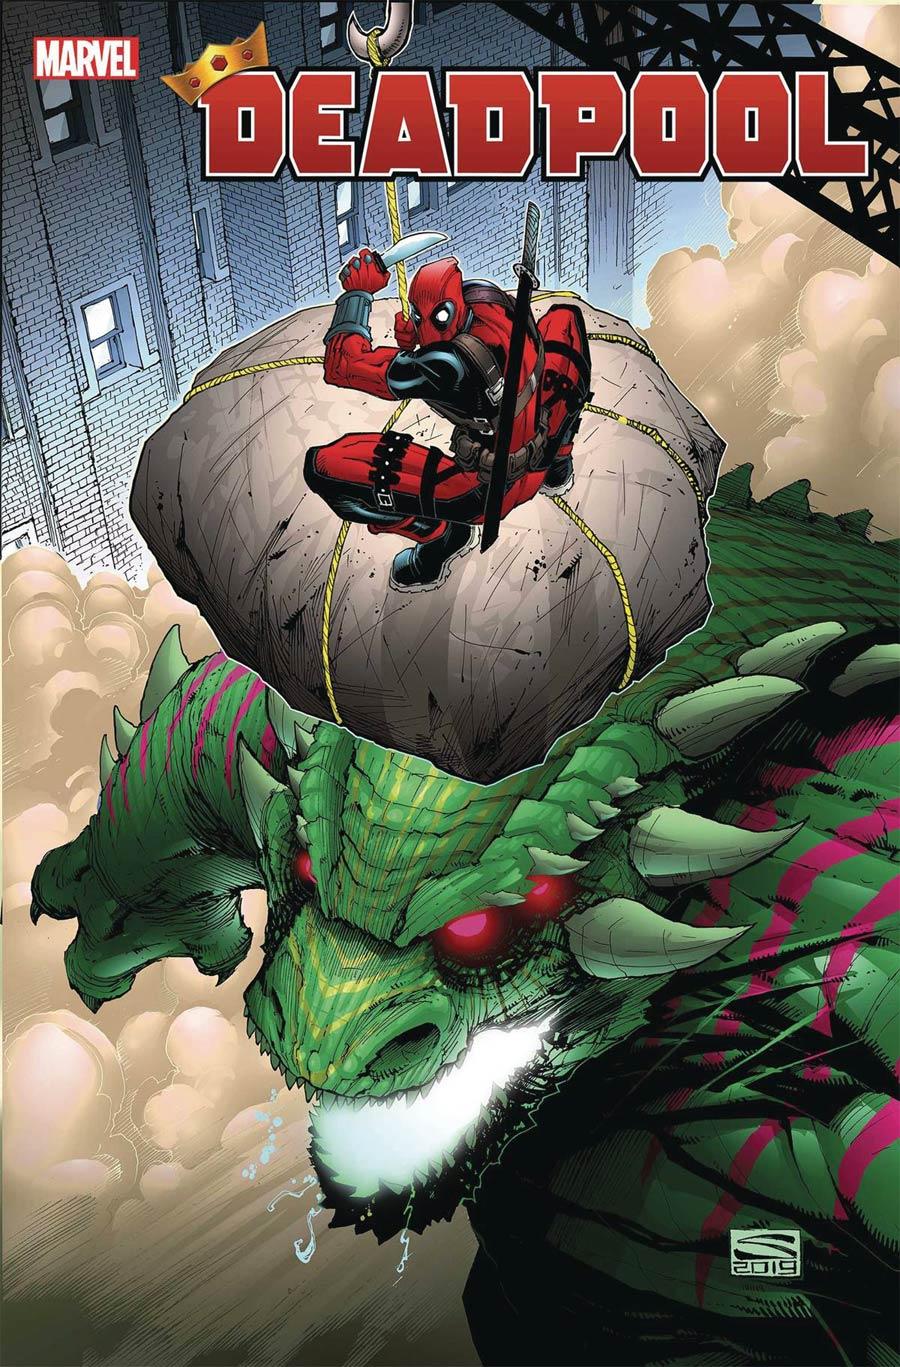 Deadpool Vol 7 #5 Cover A Regular Gerardo Sandoval Cover